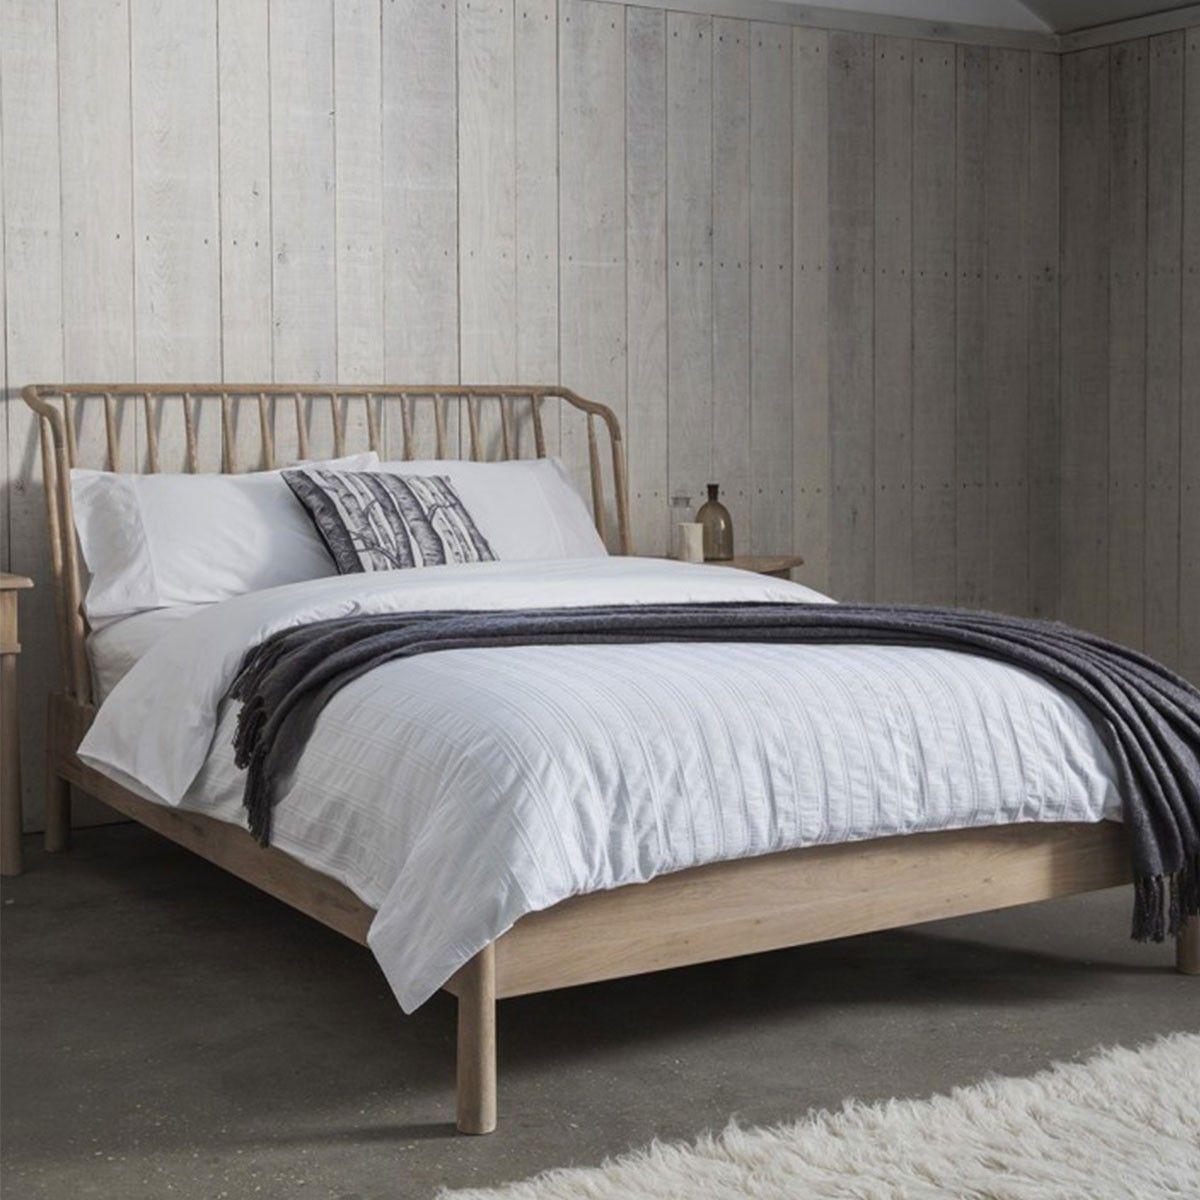 HUTCH® Nordic Oak 5ft Bed Frame By Frank Hudson